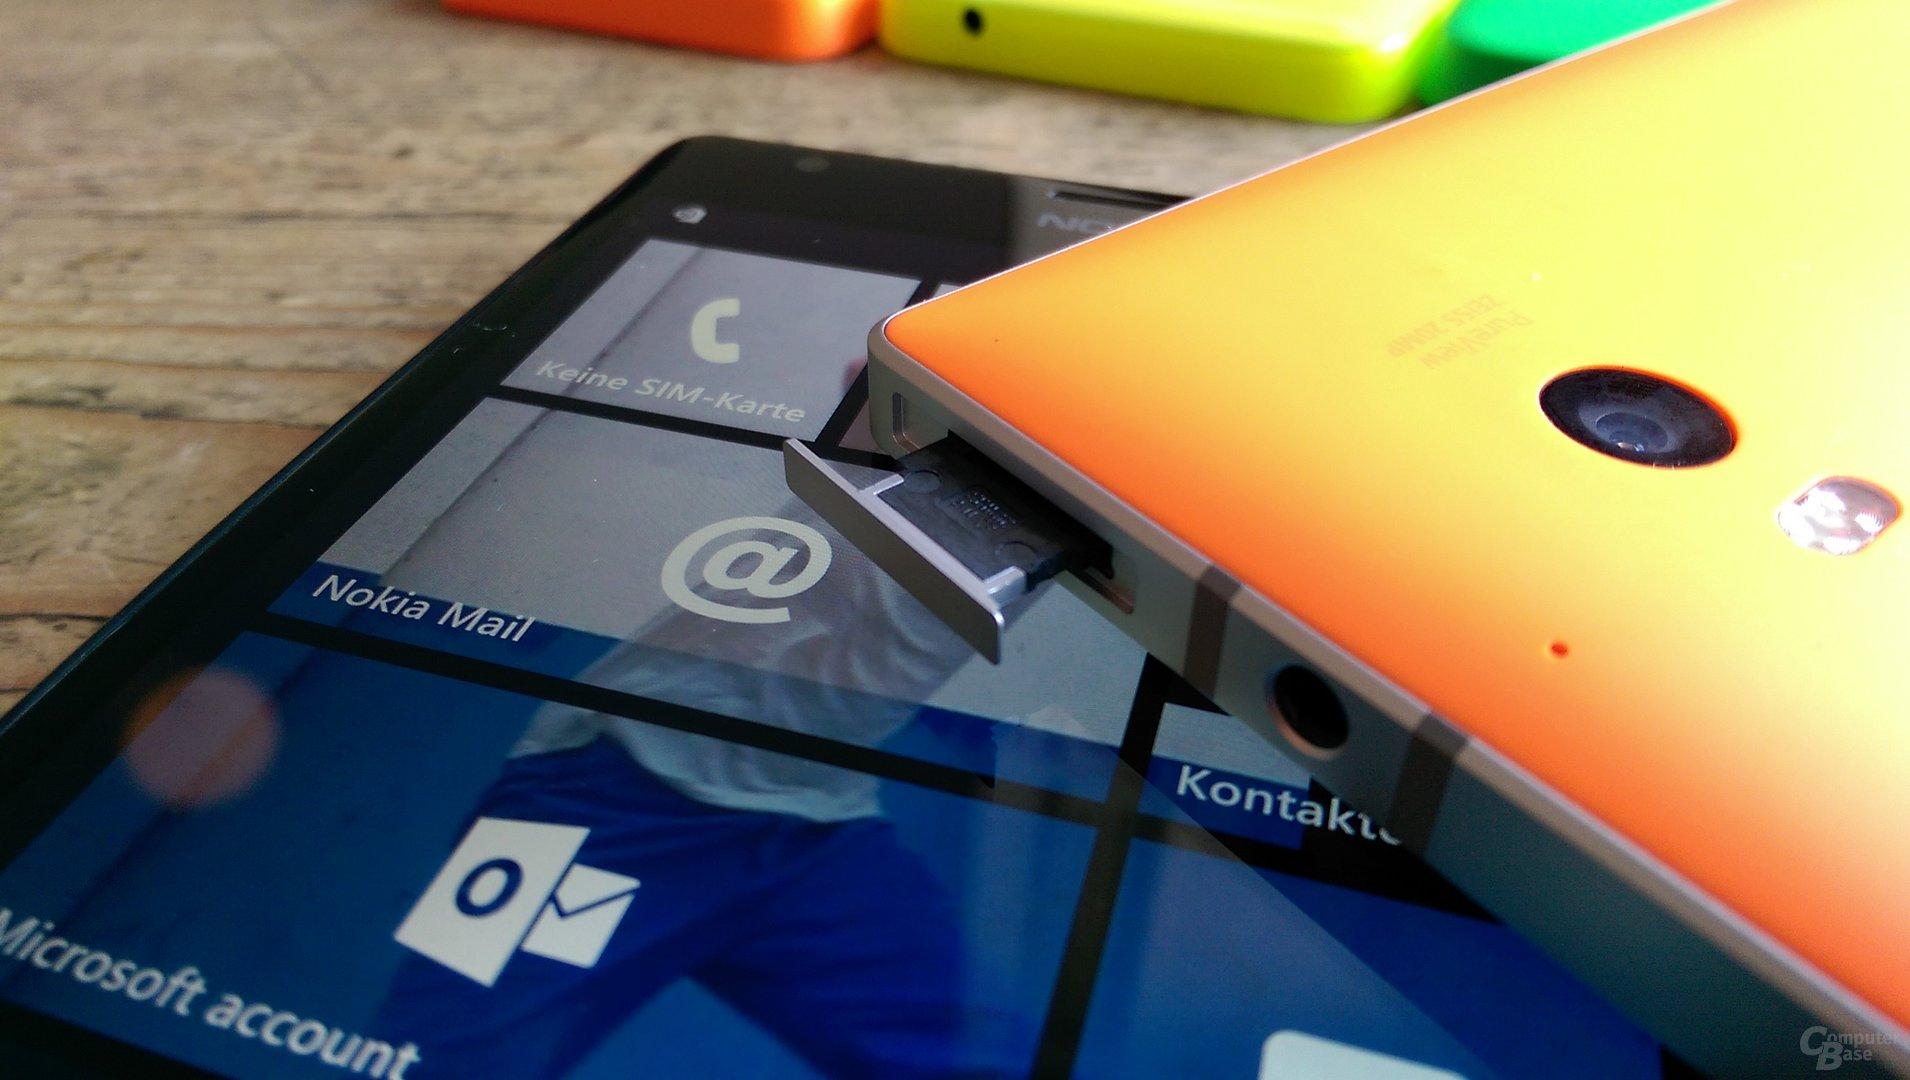 Nokia Lumia 930 ausprobiert